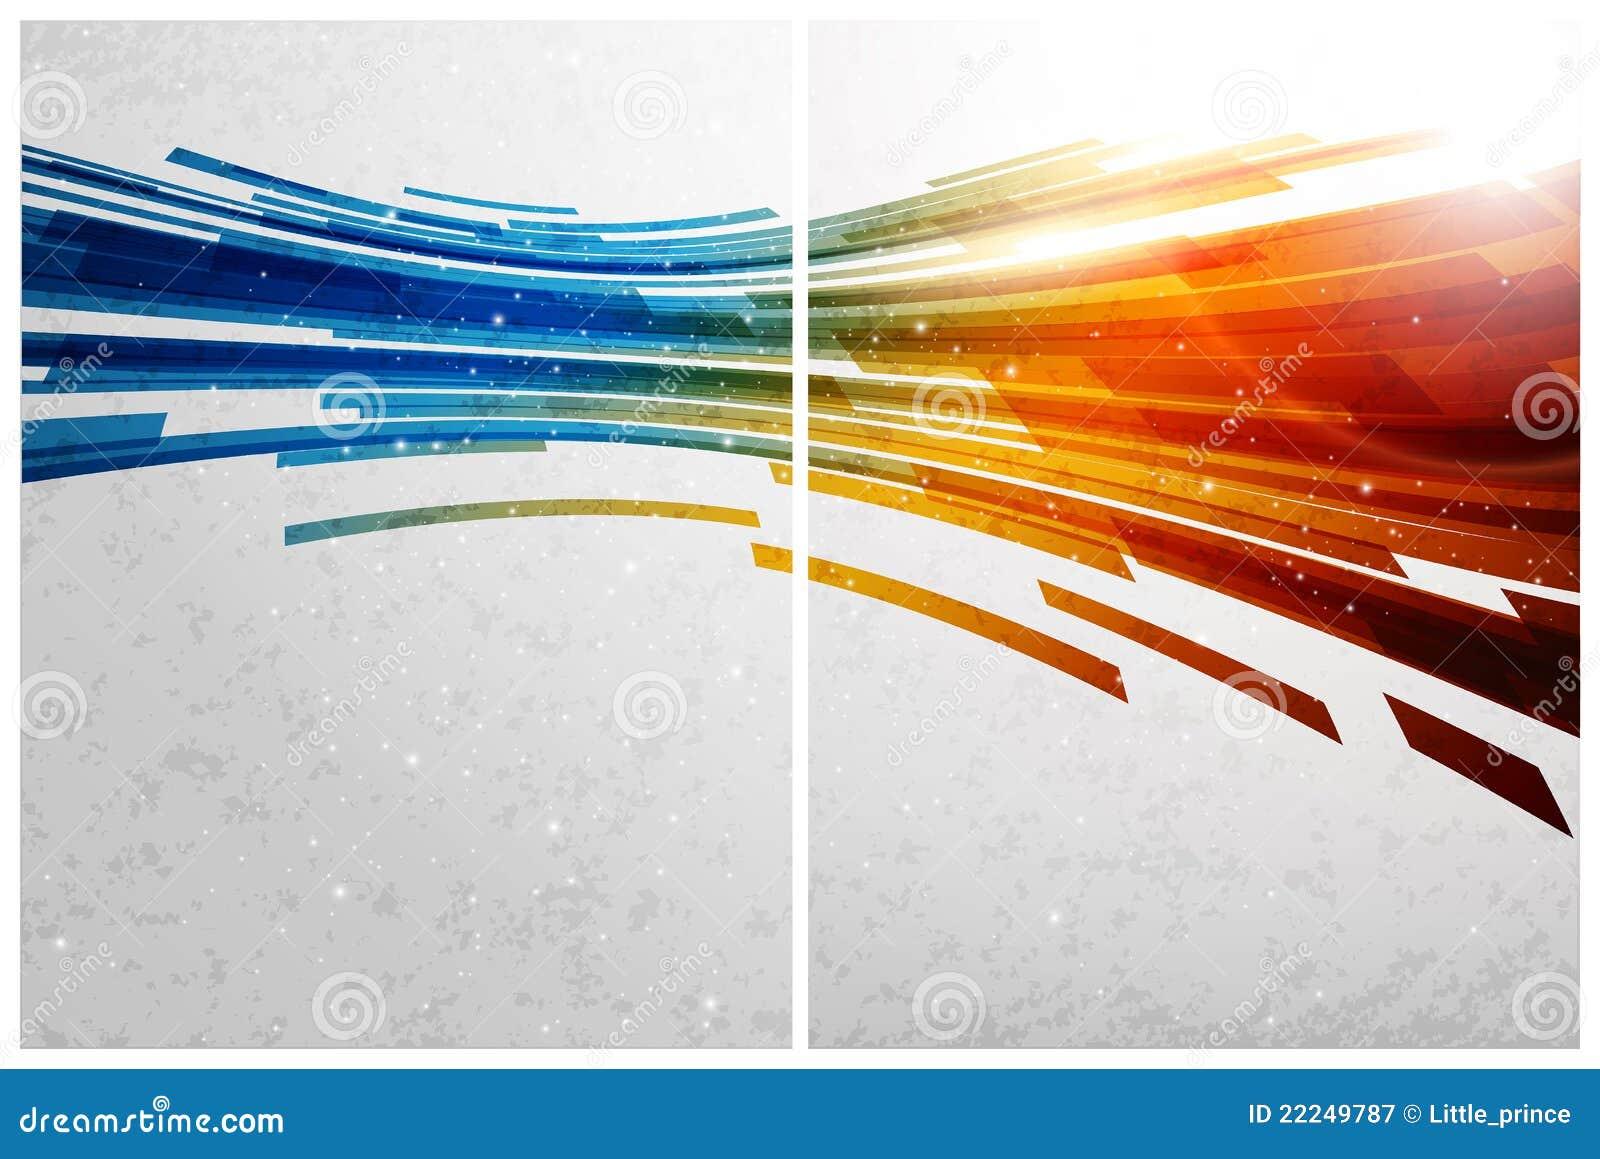 Fondo, frente y parte posterior abstractos del color